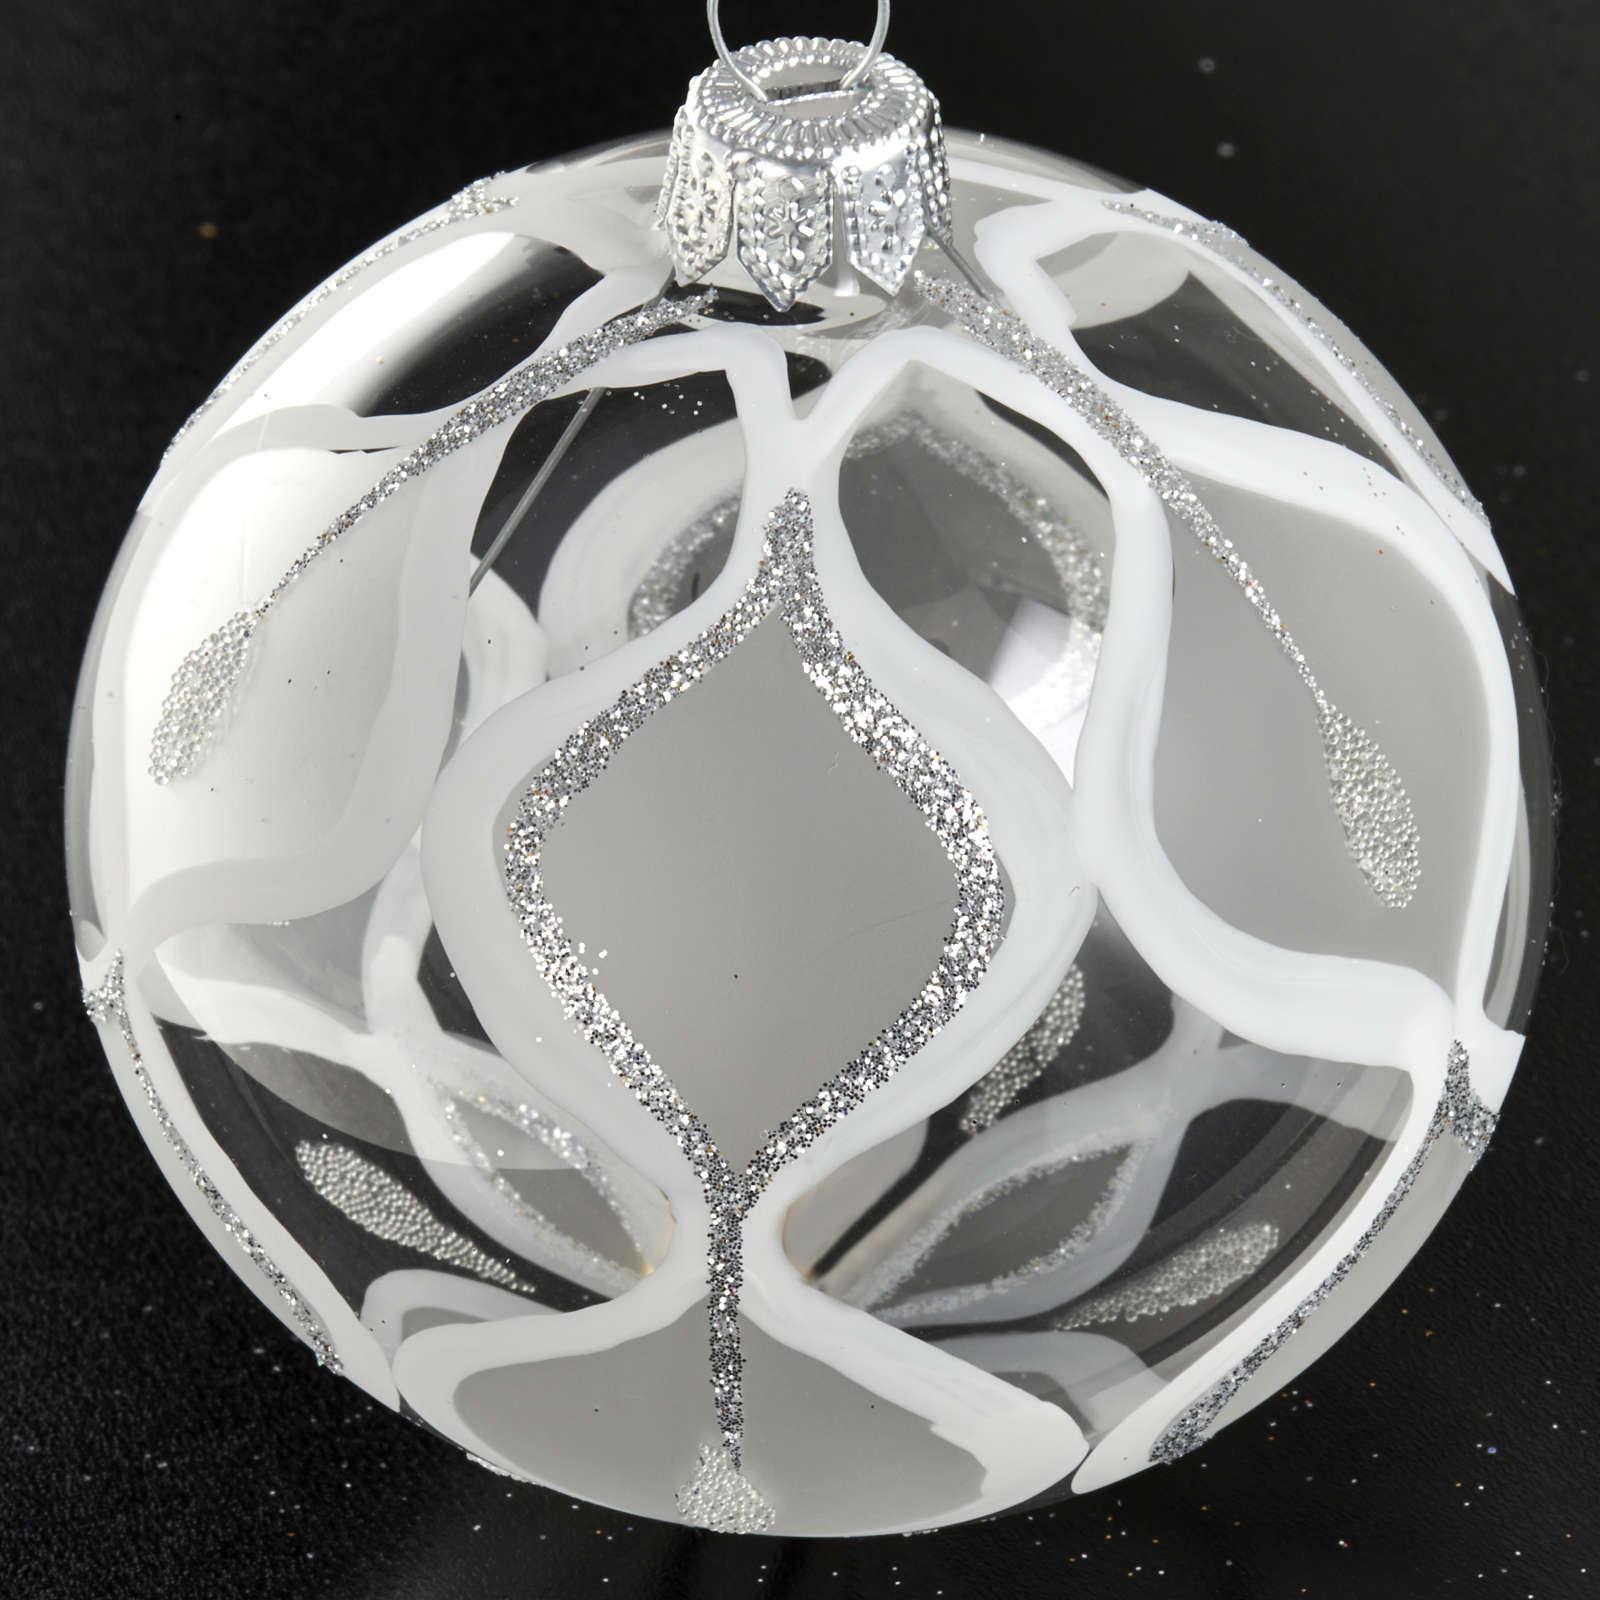 Decoro Albero Natale, palla vetro argento 8 cm 4